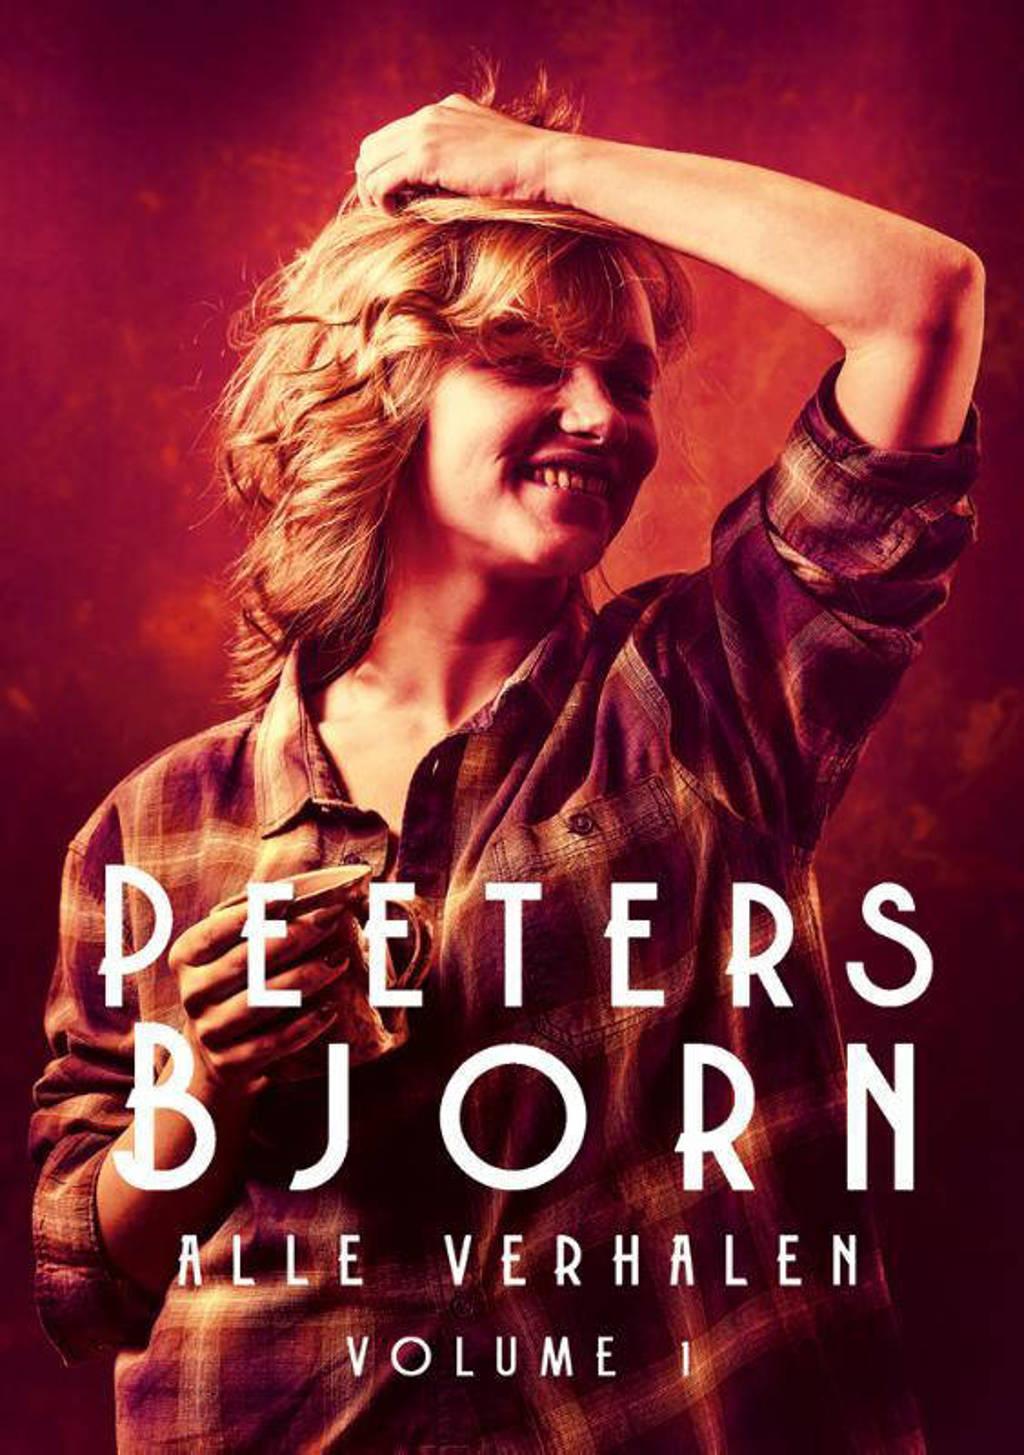 Peeters Bjorn verhalenbundels: Peeters Bjorn: alle verhalen Volume 1 - Bjorn Peeters